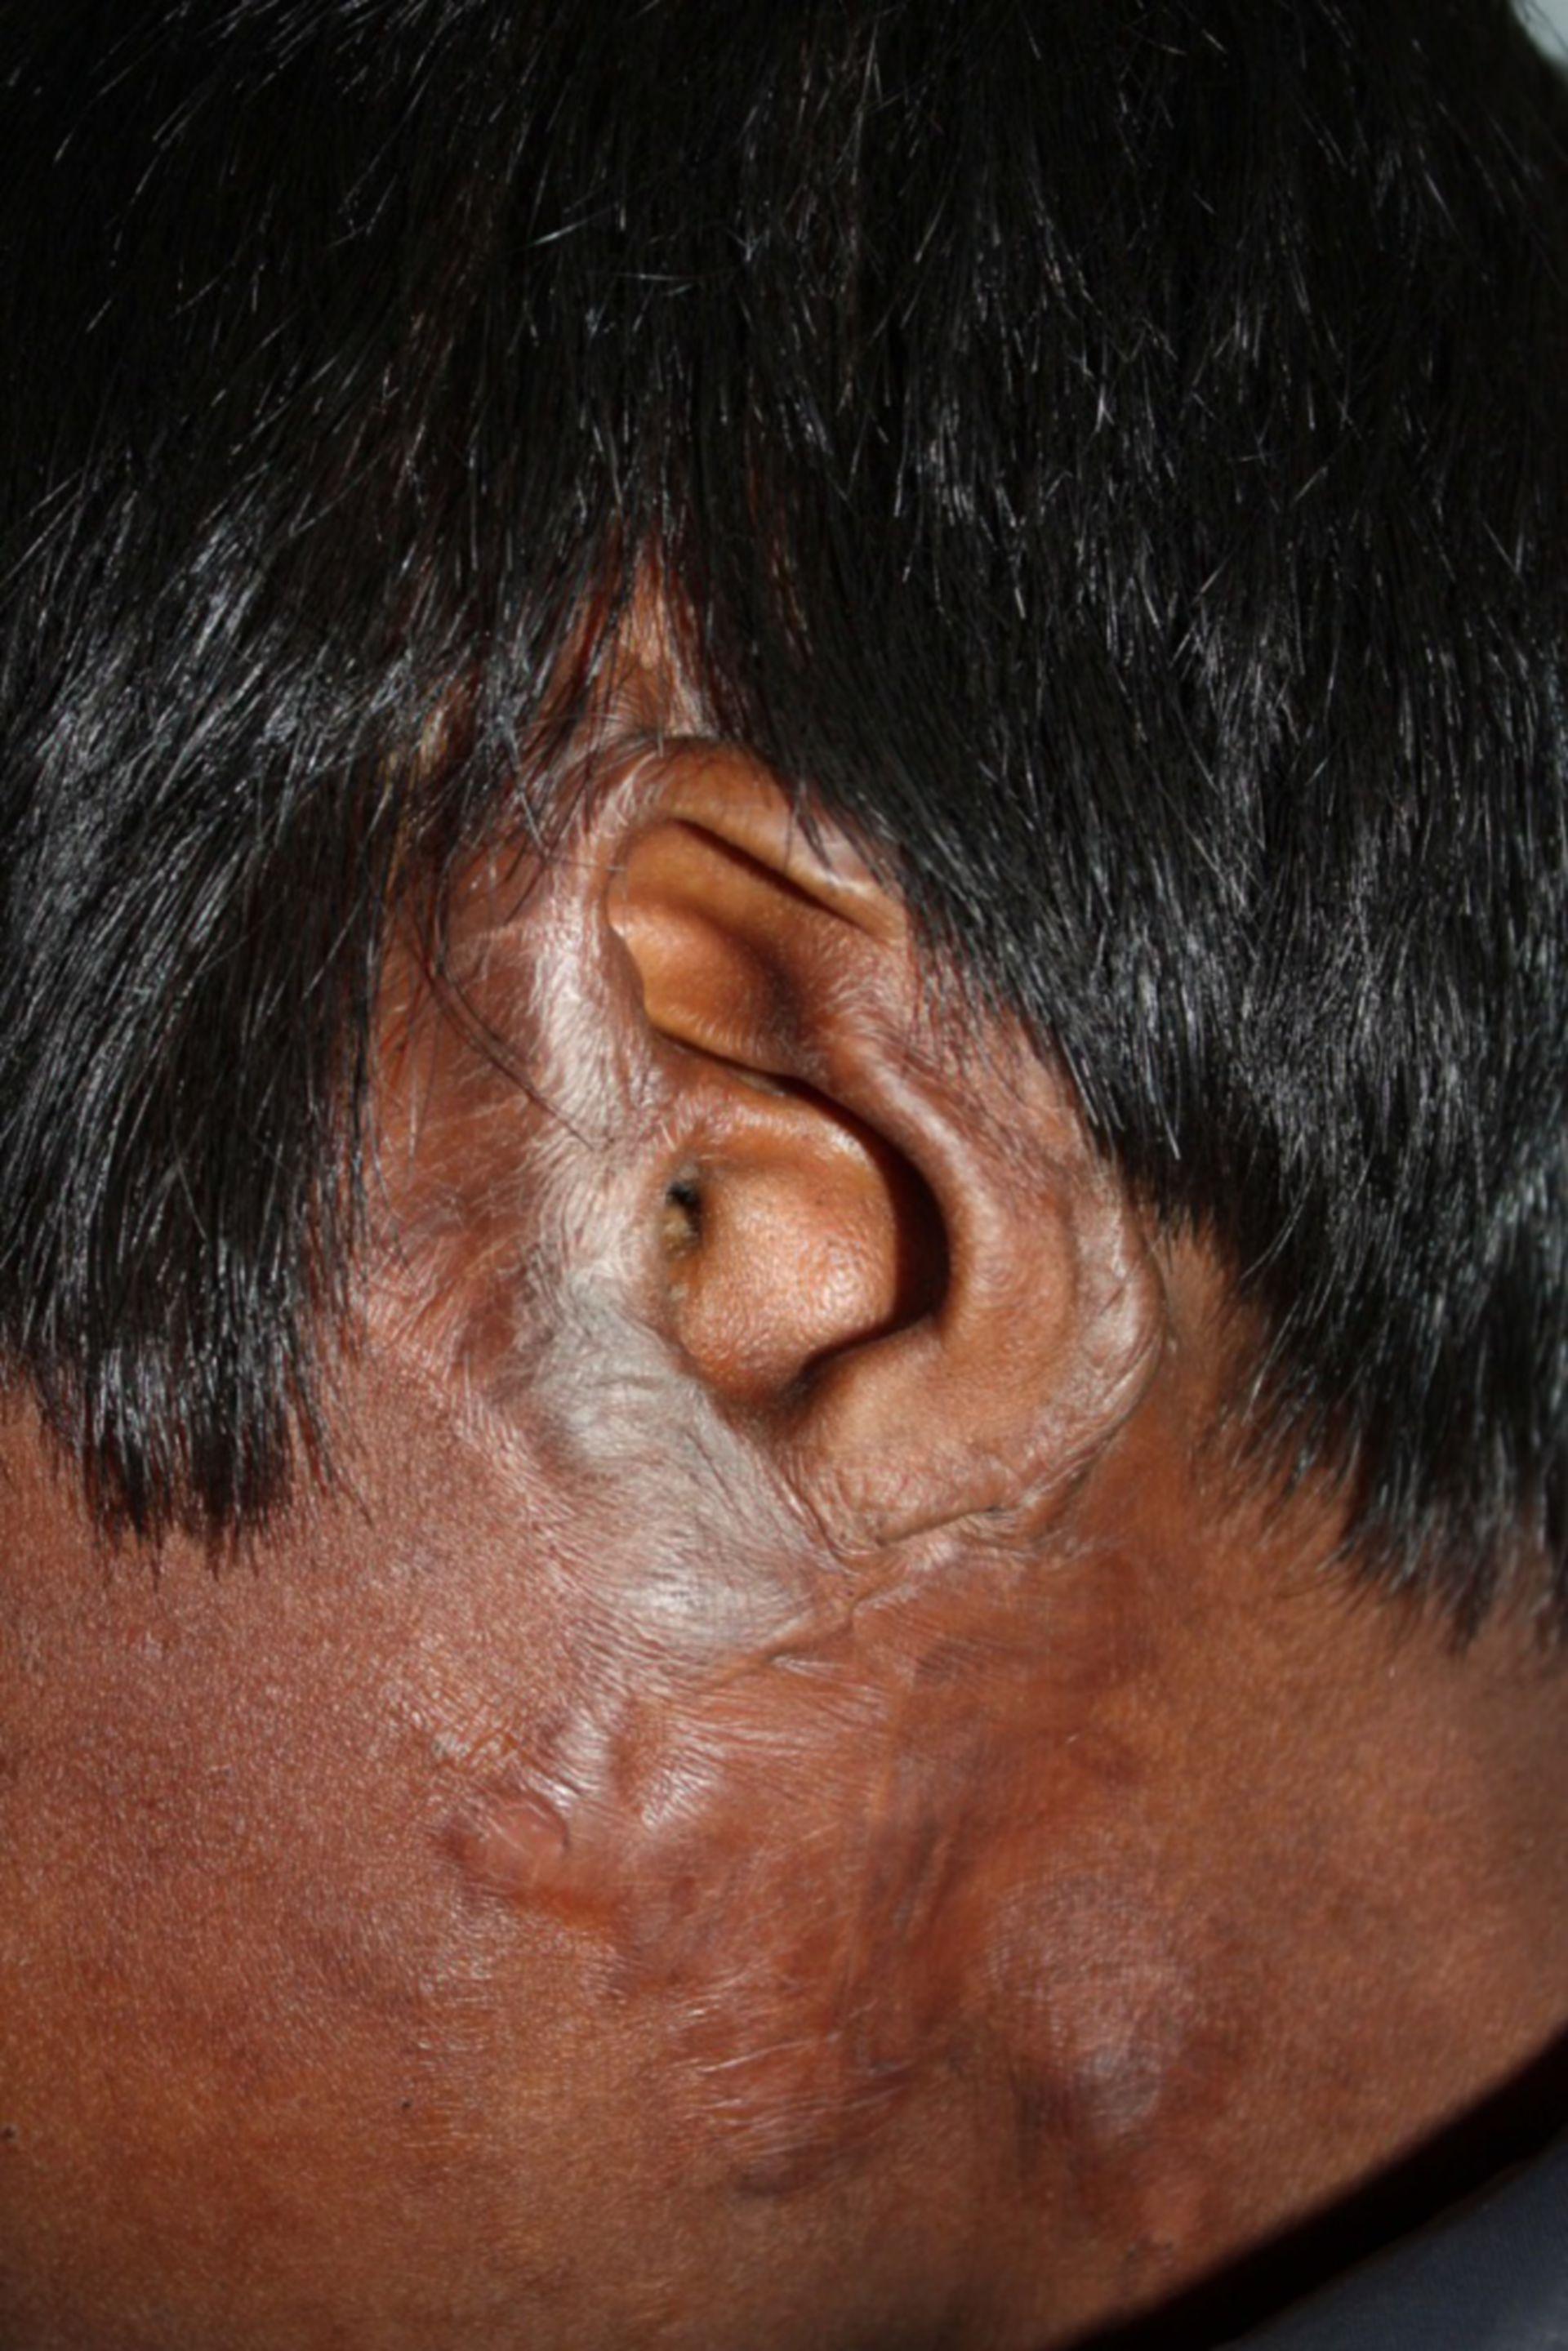 Verbrennungsnarben Ohr